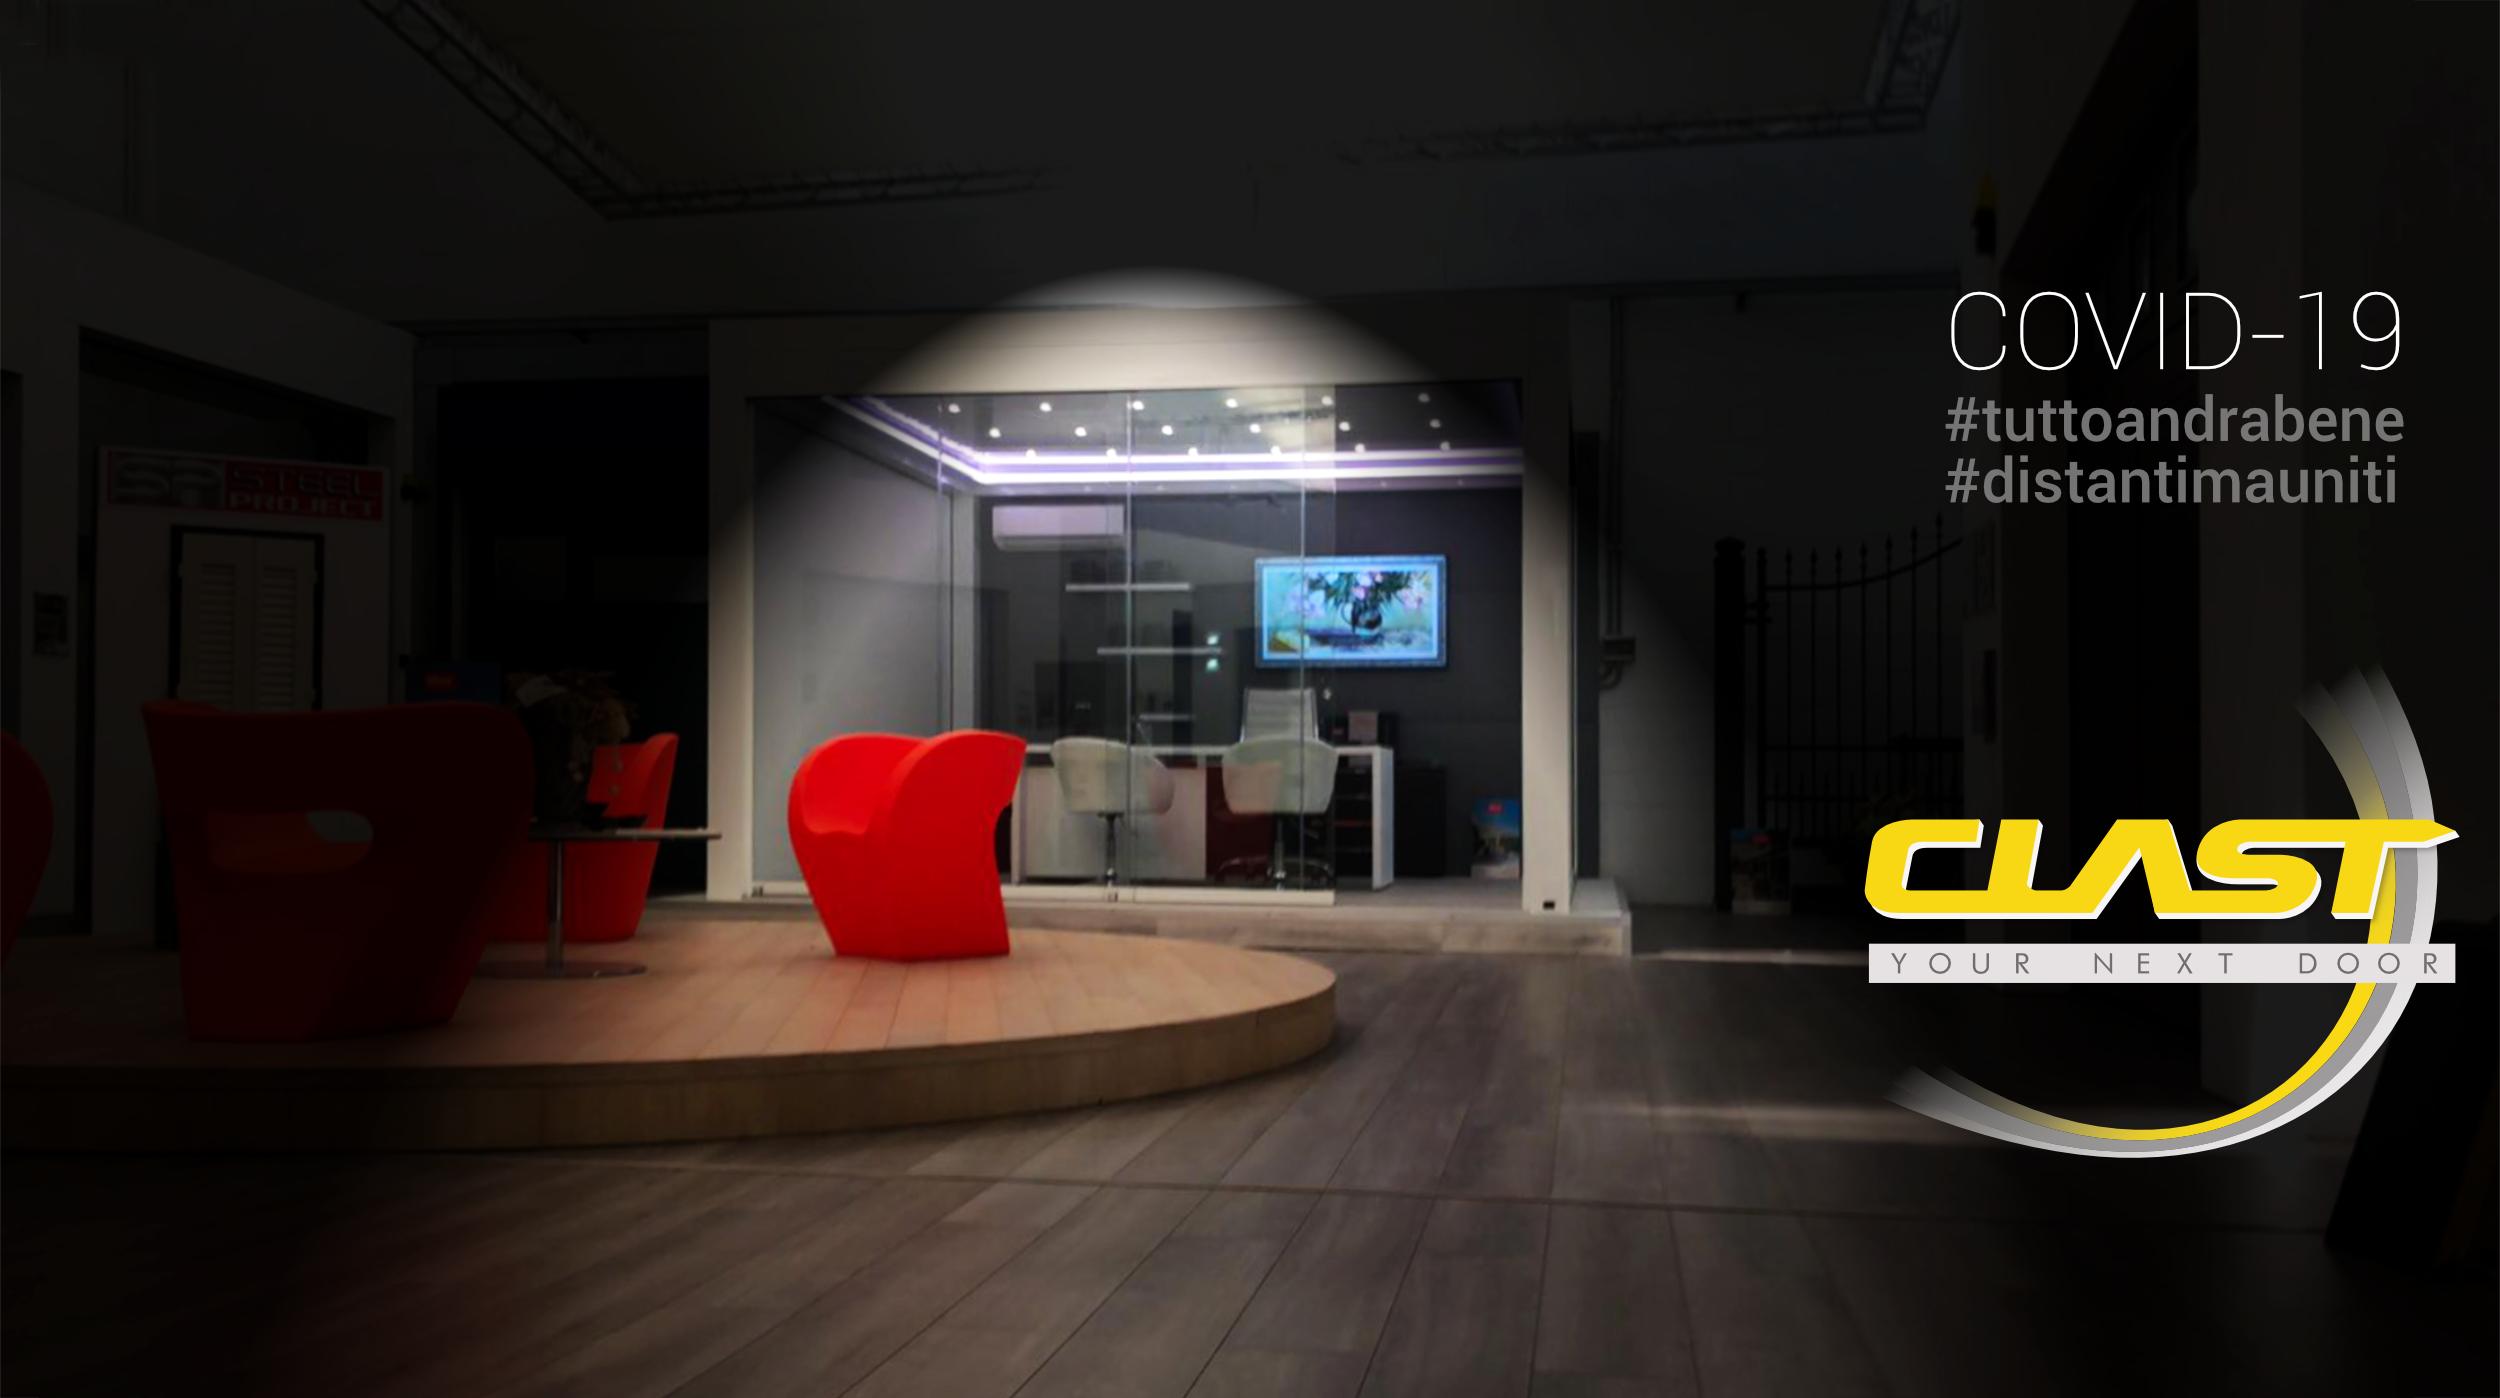 COVID homepage | Clast srl: porte, portoni, sicurezza, cancelli, automazioni. Via Soncino 5, Trescore Cremasco